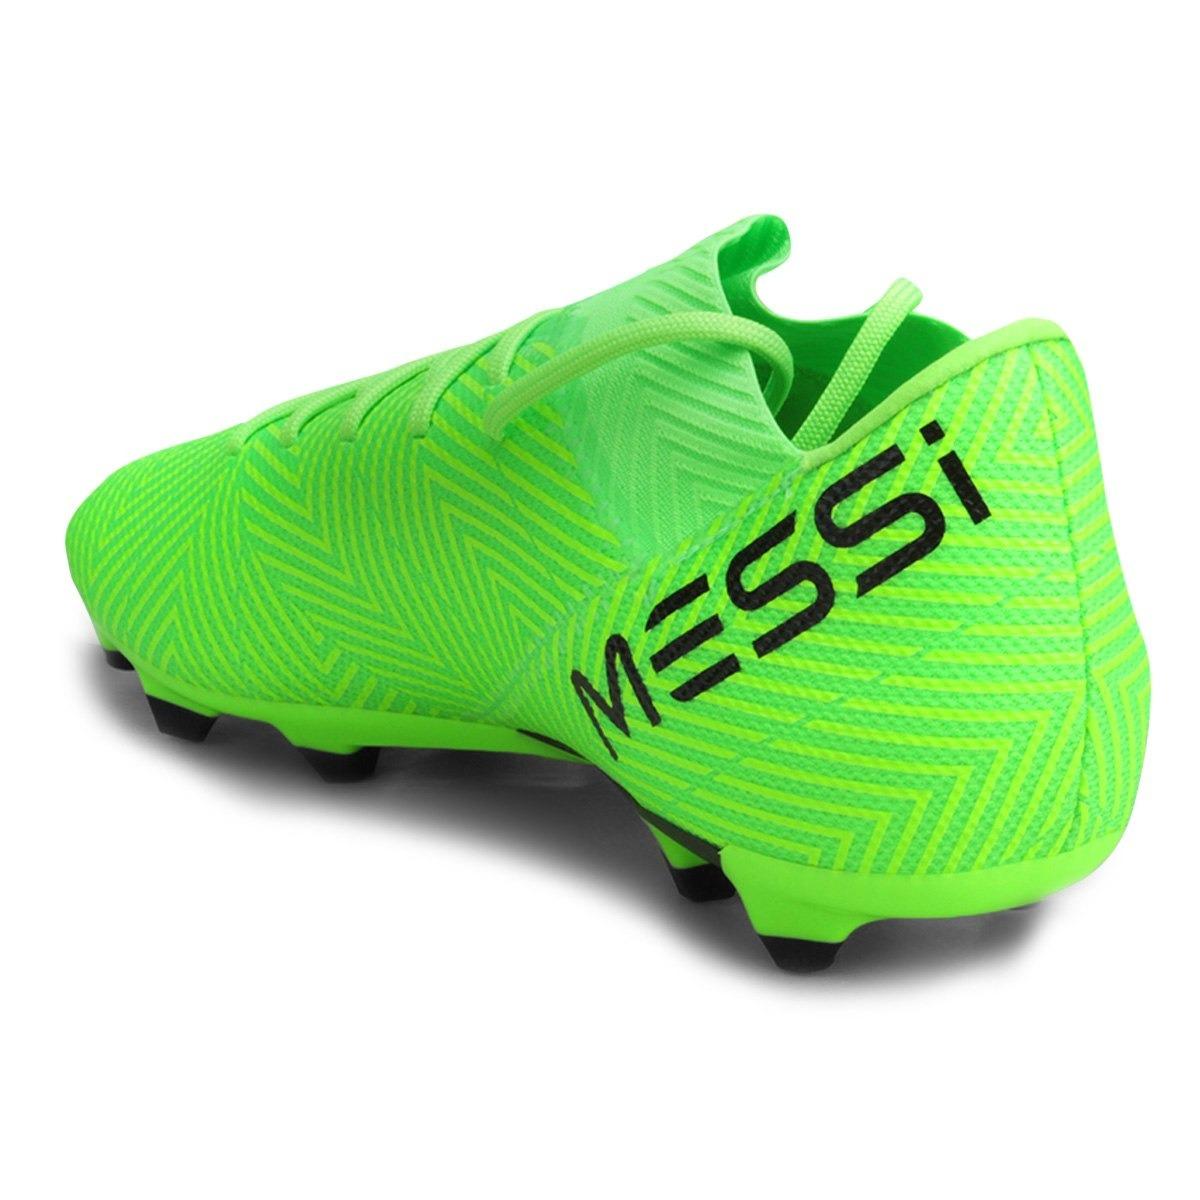 aac779c6a722d Chuteira Campo adidas Nemeziz Messi 18 3 Fg Masculina - Verd - R ...